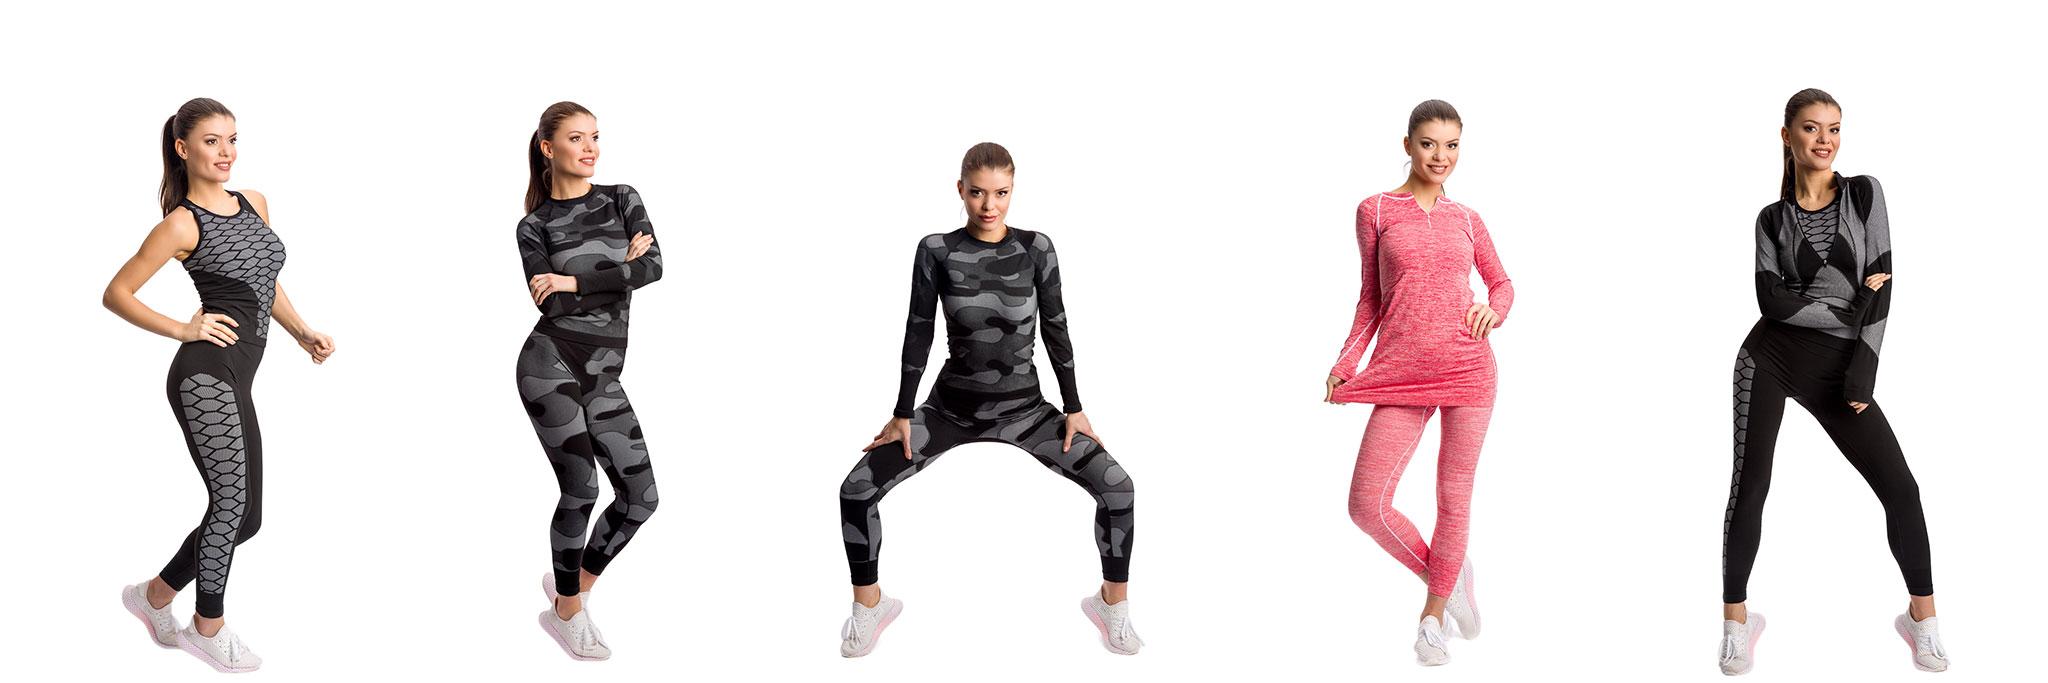 дамски термо комплекти - снимка за корица